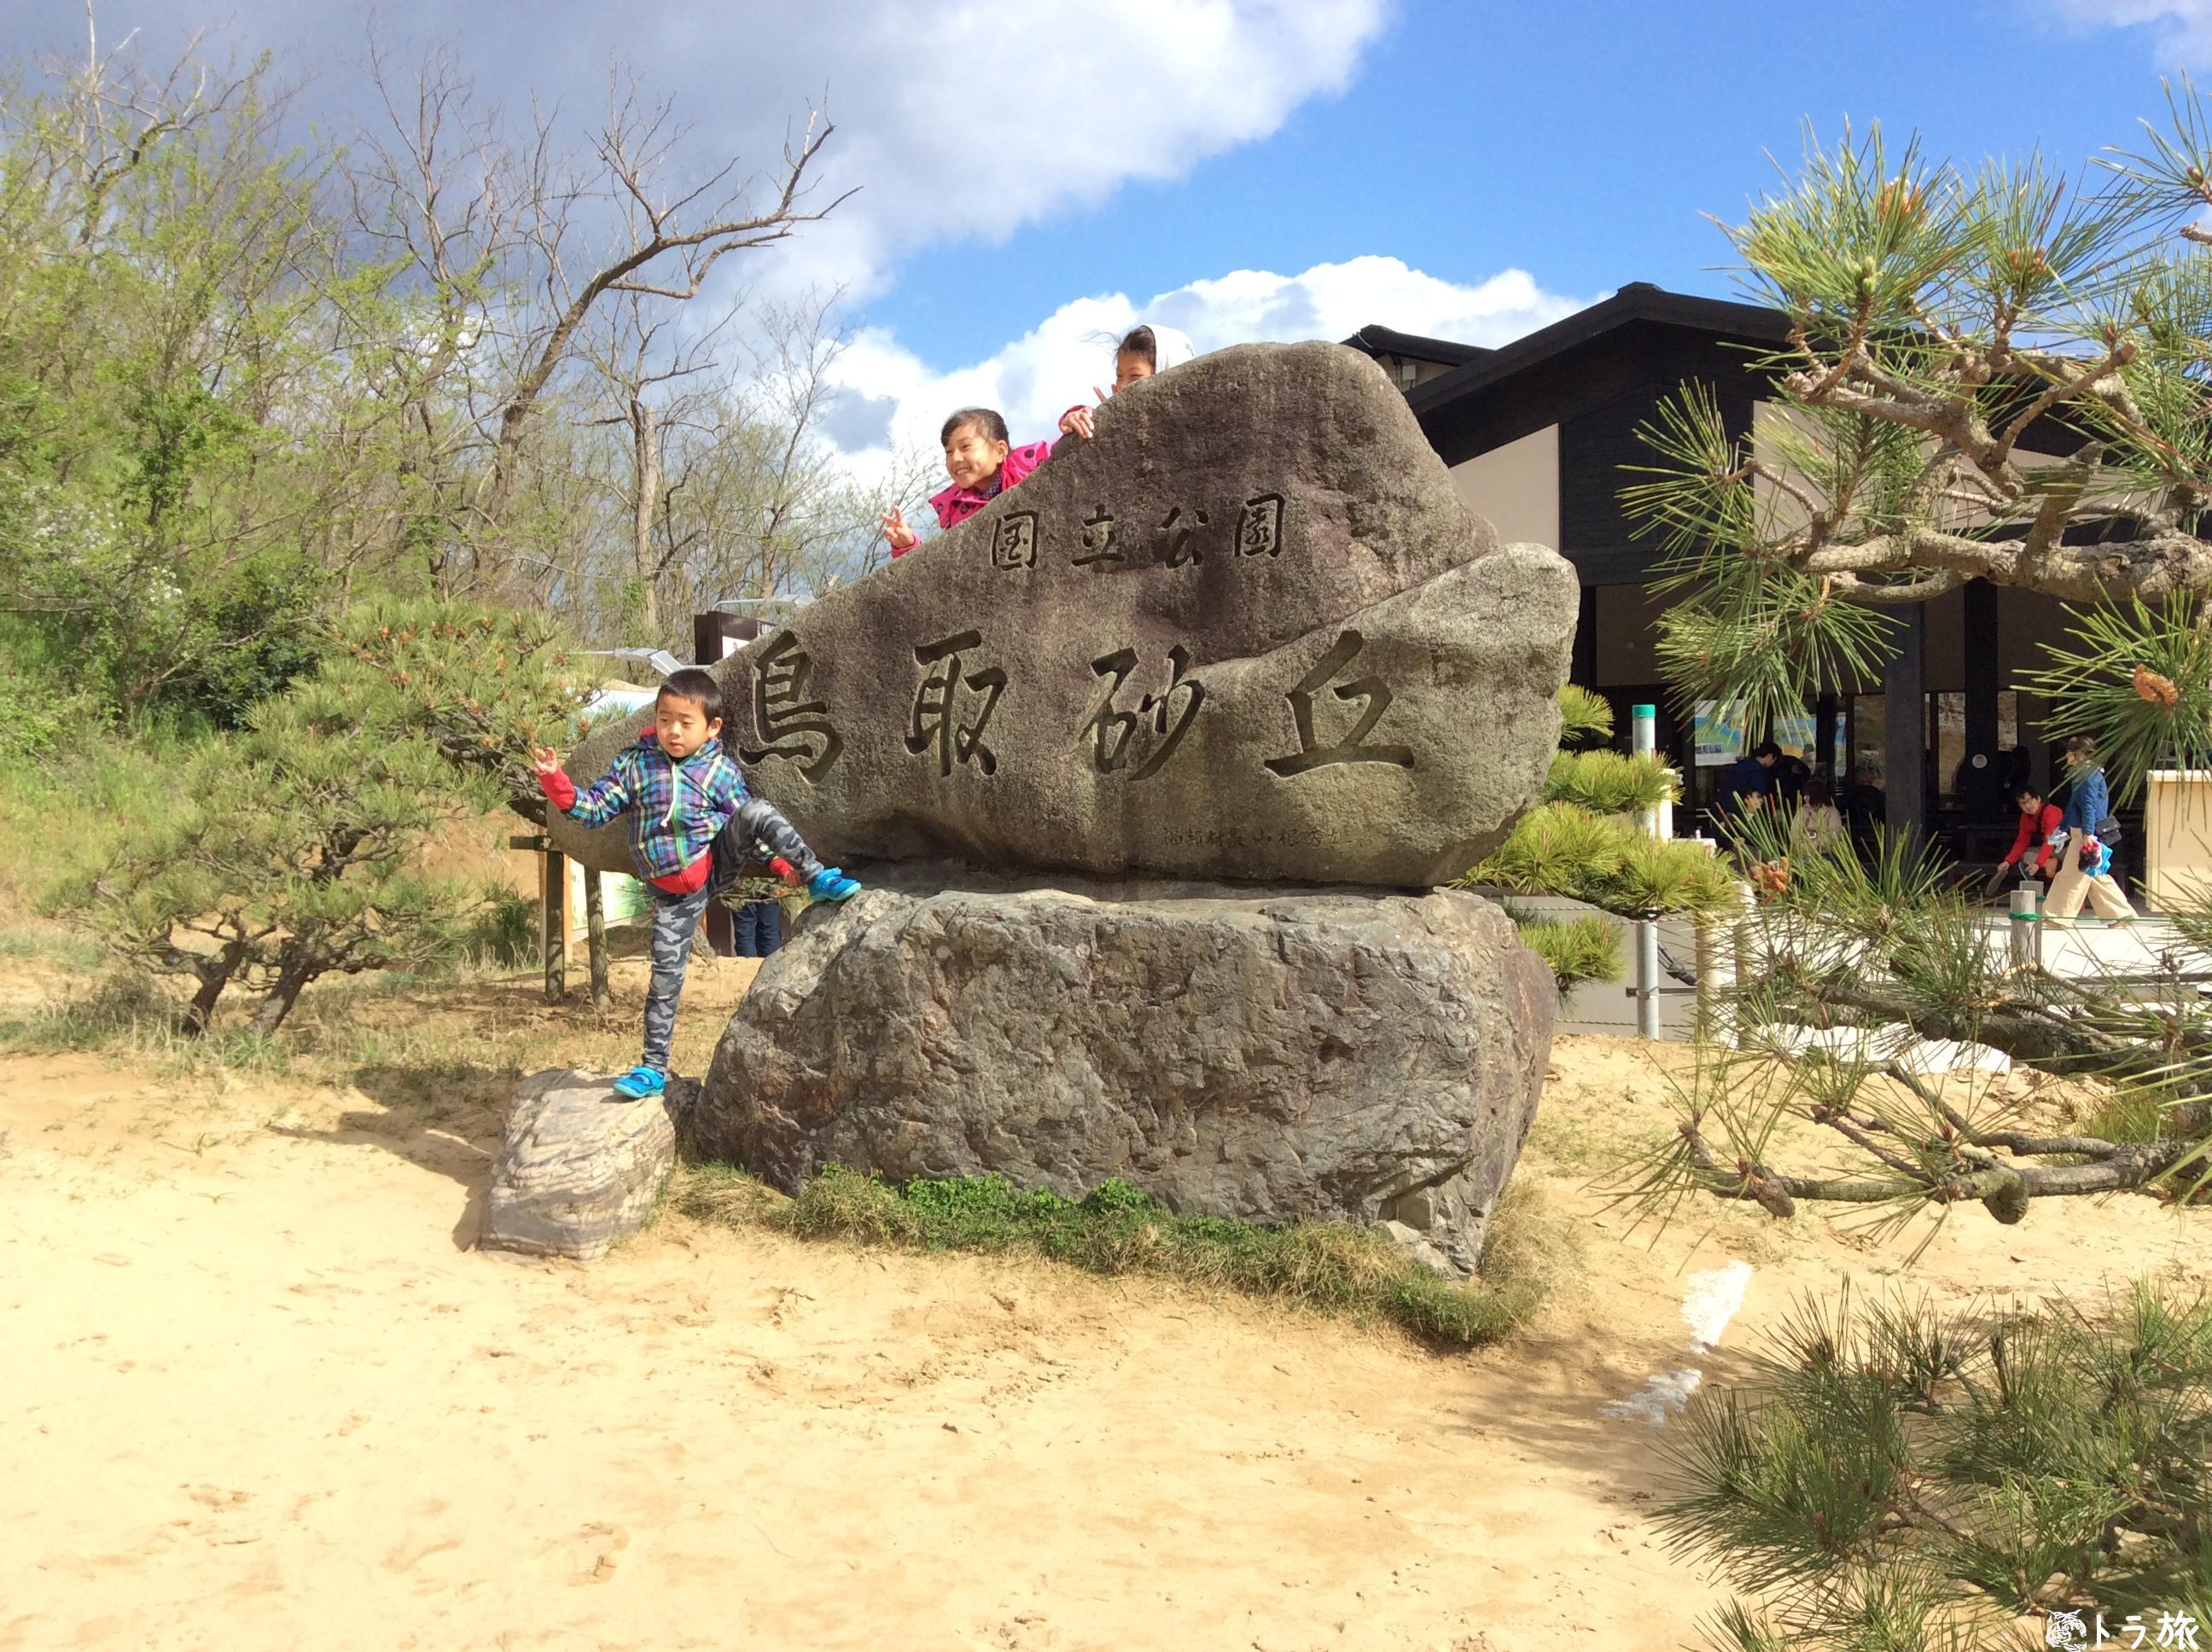 GWでも鳥取砂丘が混雑してない時間帯とは